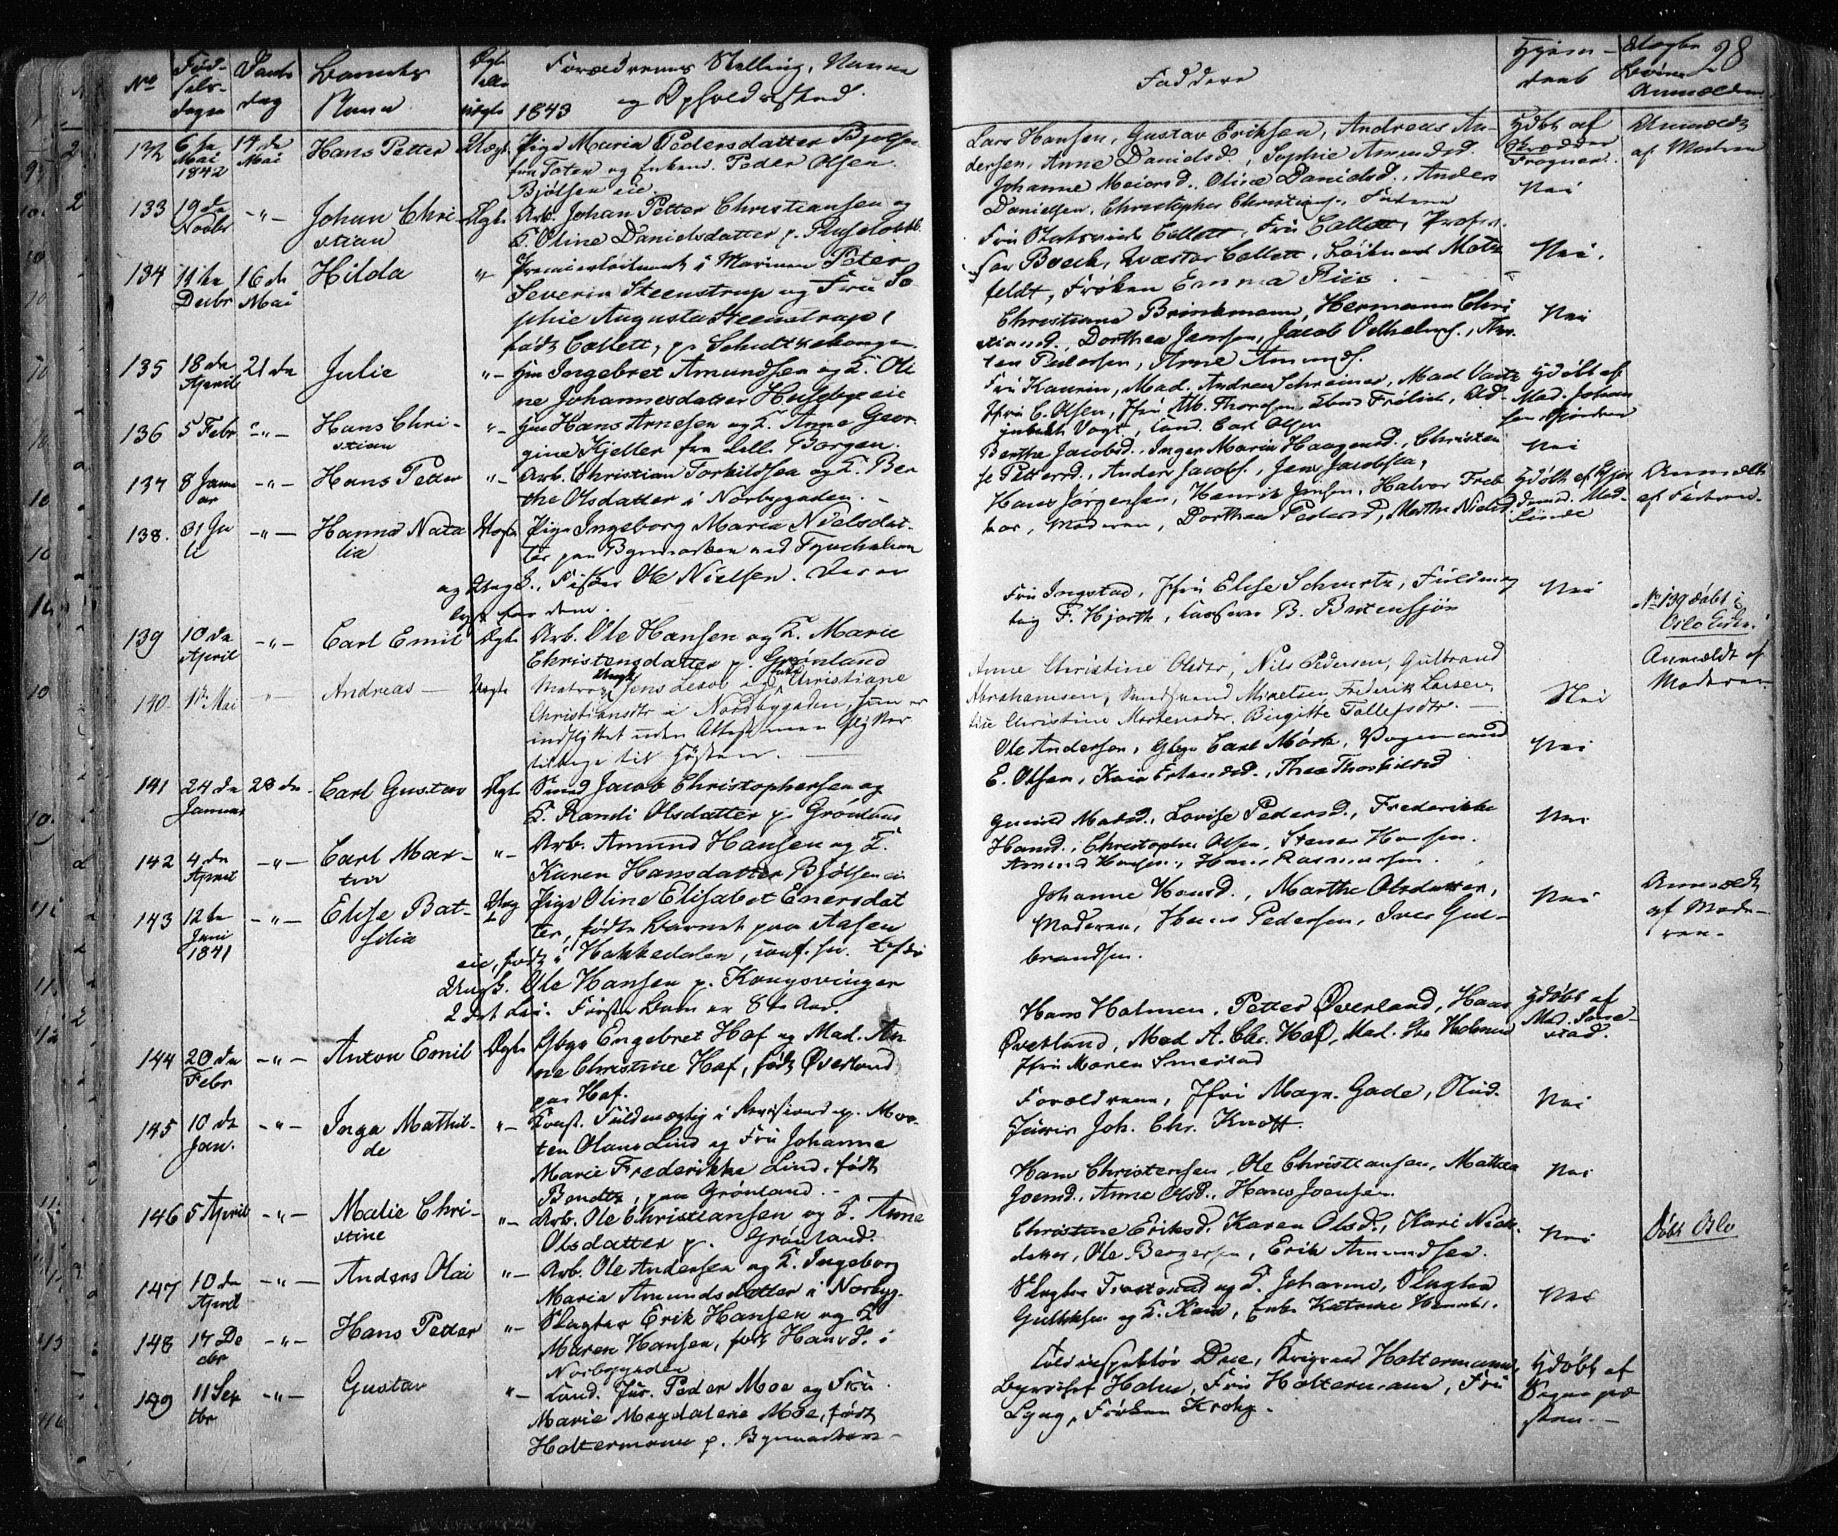 SAO, Aker prestekontor kirkebøker, F/L0019: Ministerialbok nr. 19, 1842-1852, s. 28